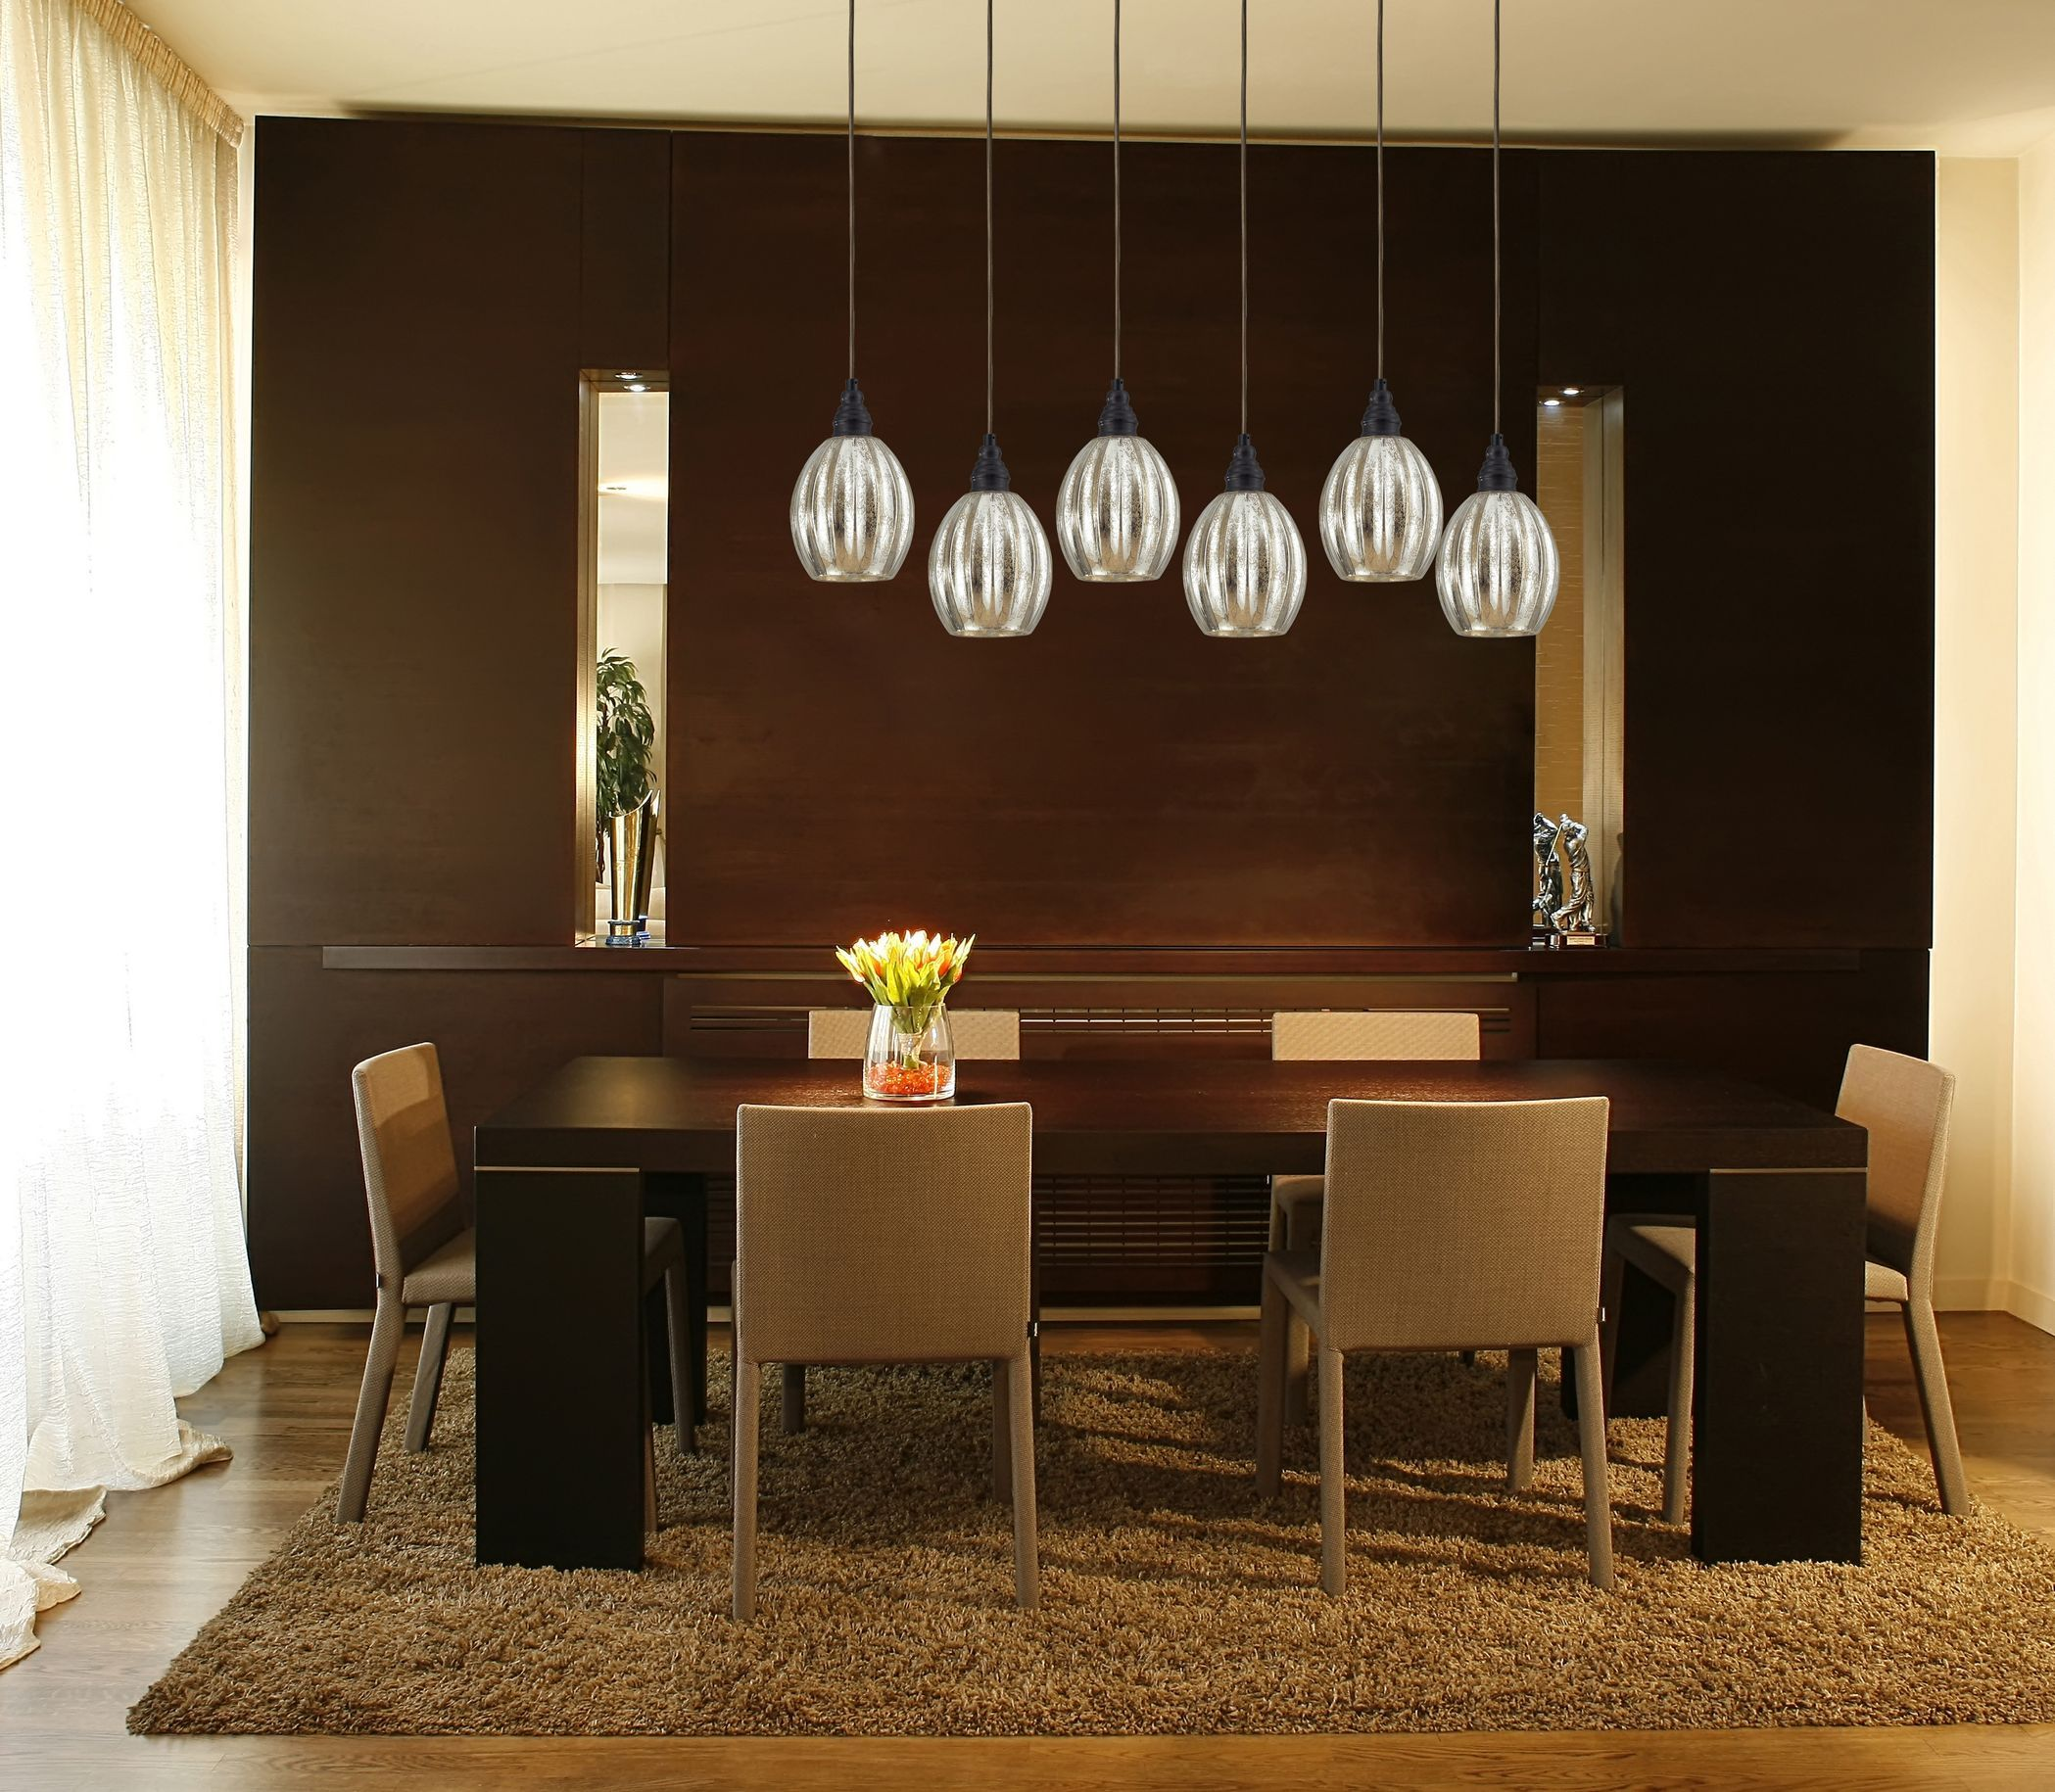 Hgtv Home Cassandra Blown Glass Mini Pendant Modern: Elk Lighting Danica 6-Light Pendant In Oiled Bronze